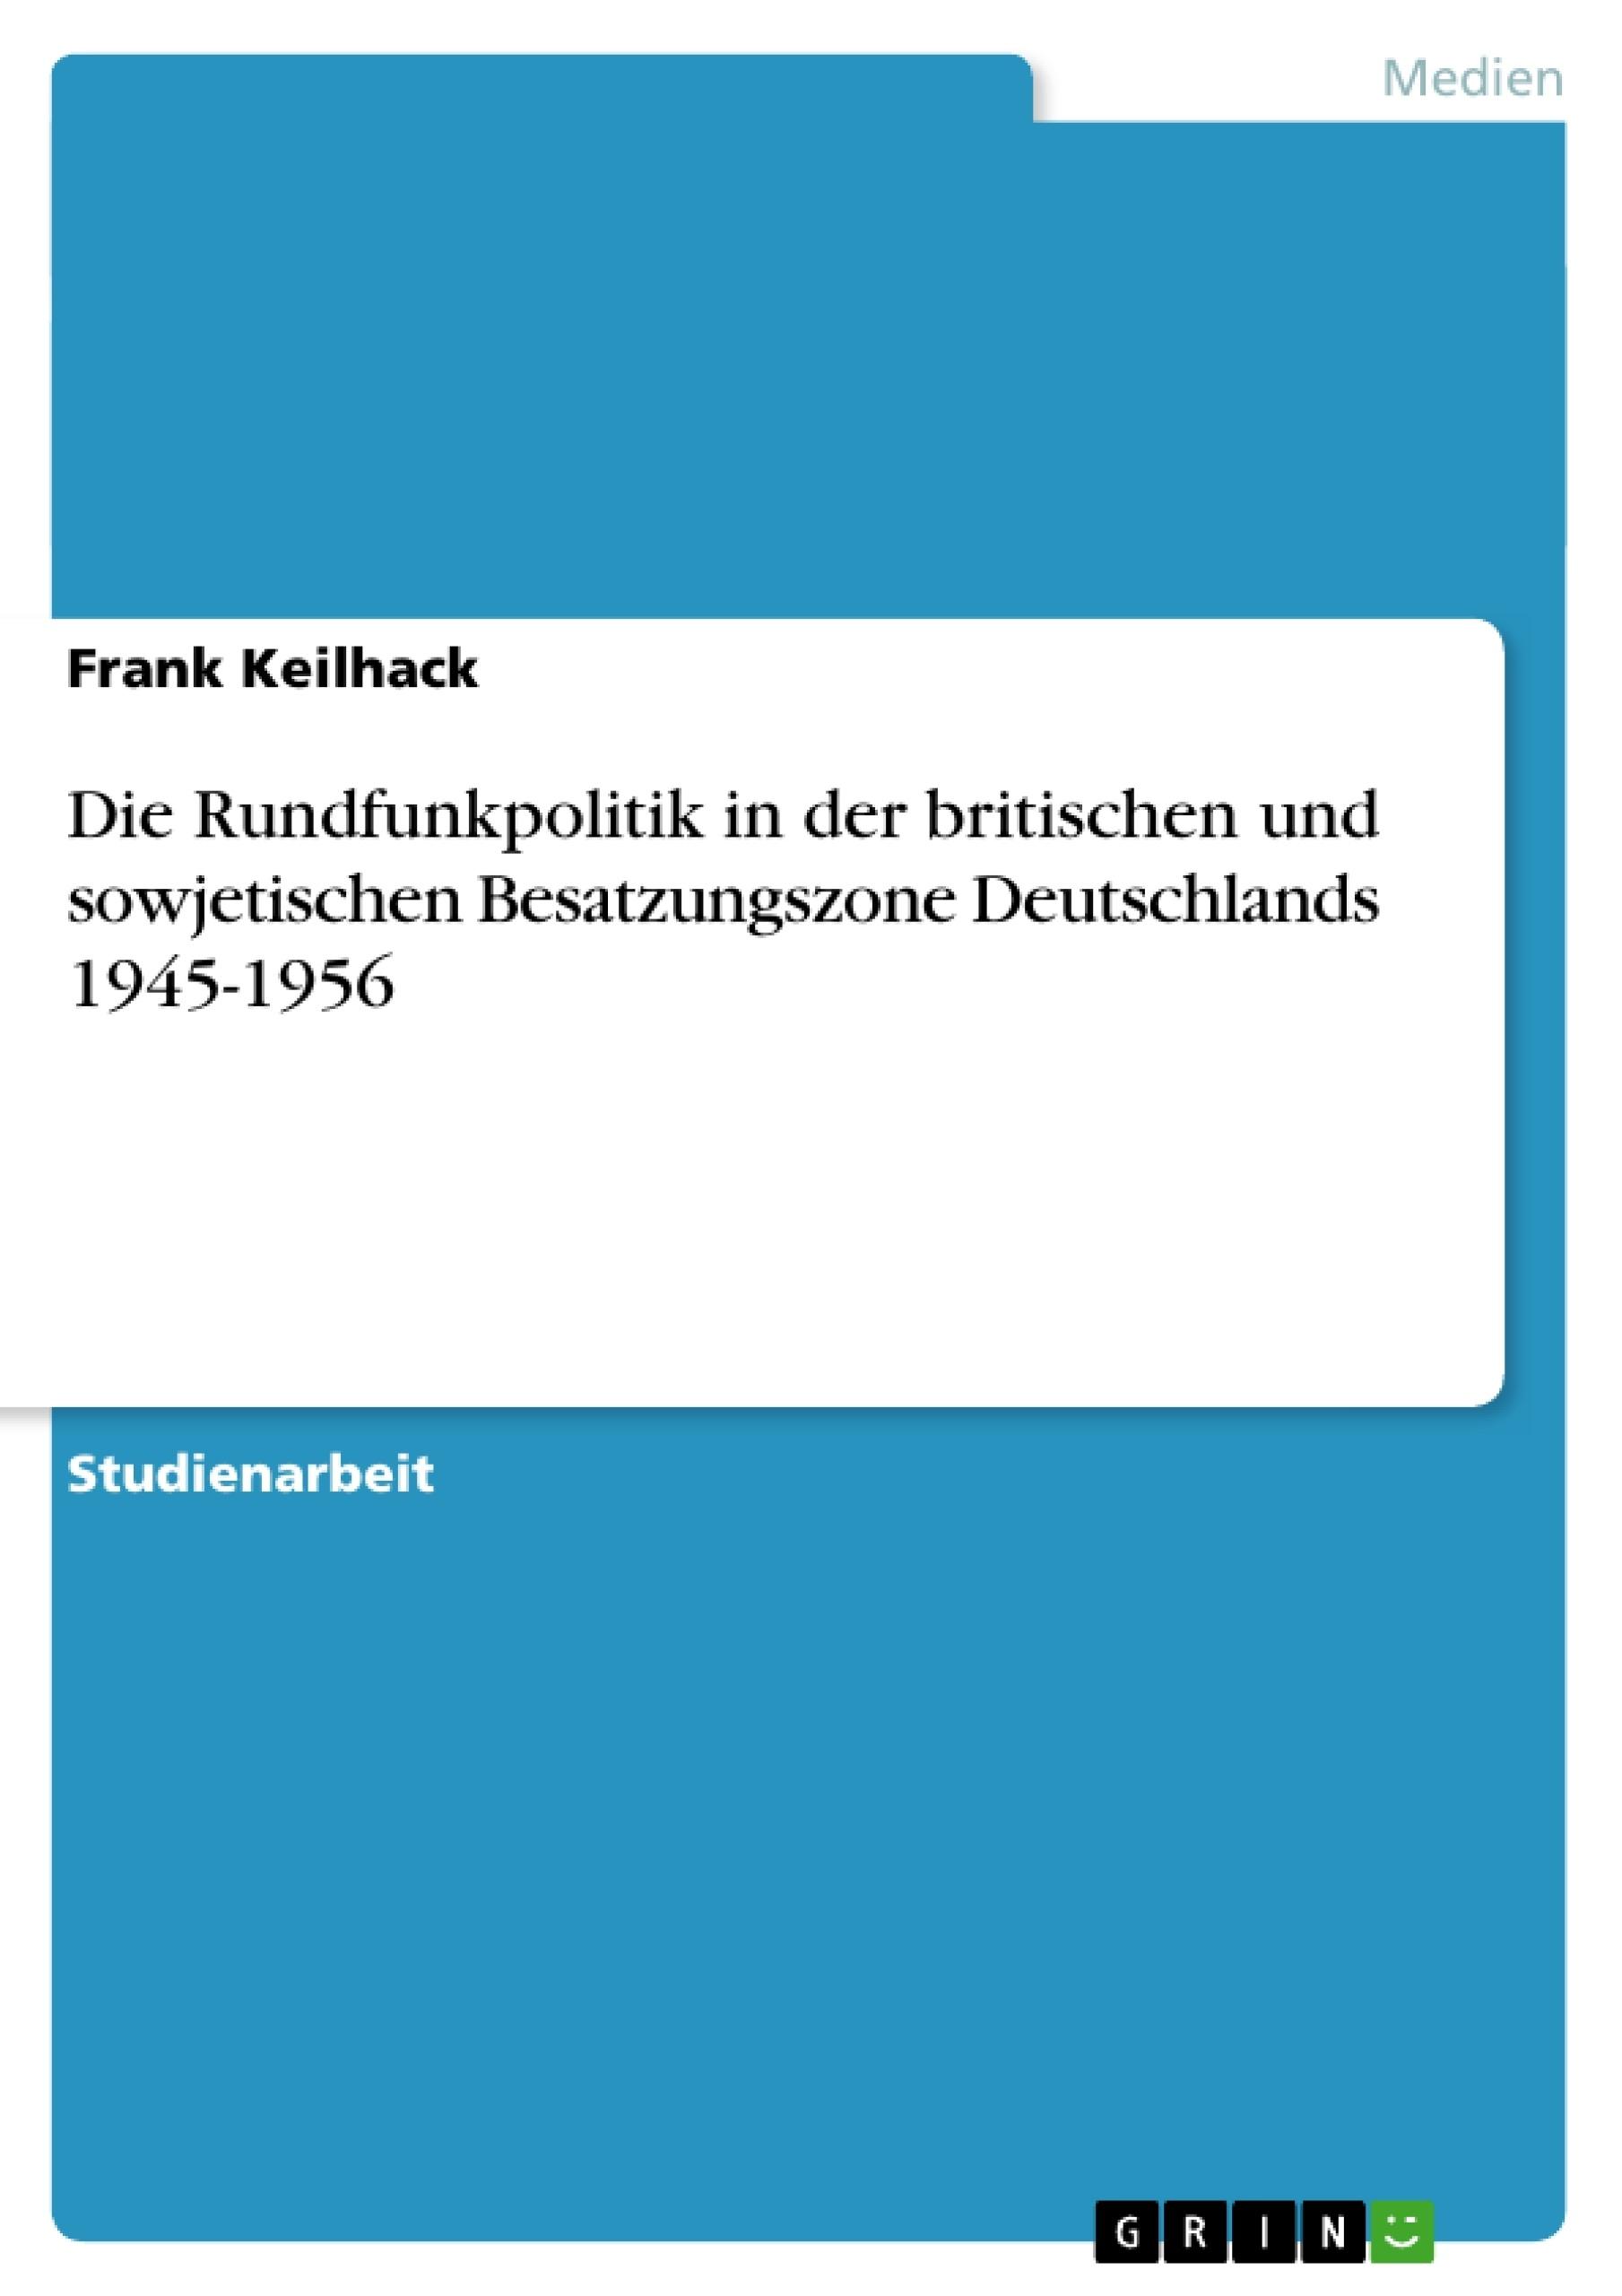 Titel: Die Rundfunkpolitik in der britischen und sowjetischen Besatzungszone Deutschlands 1945-1956